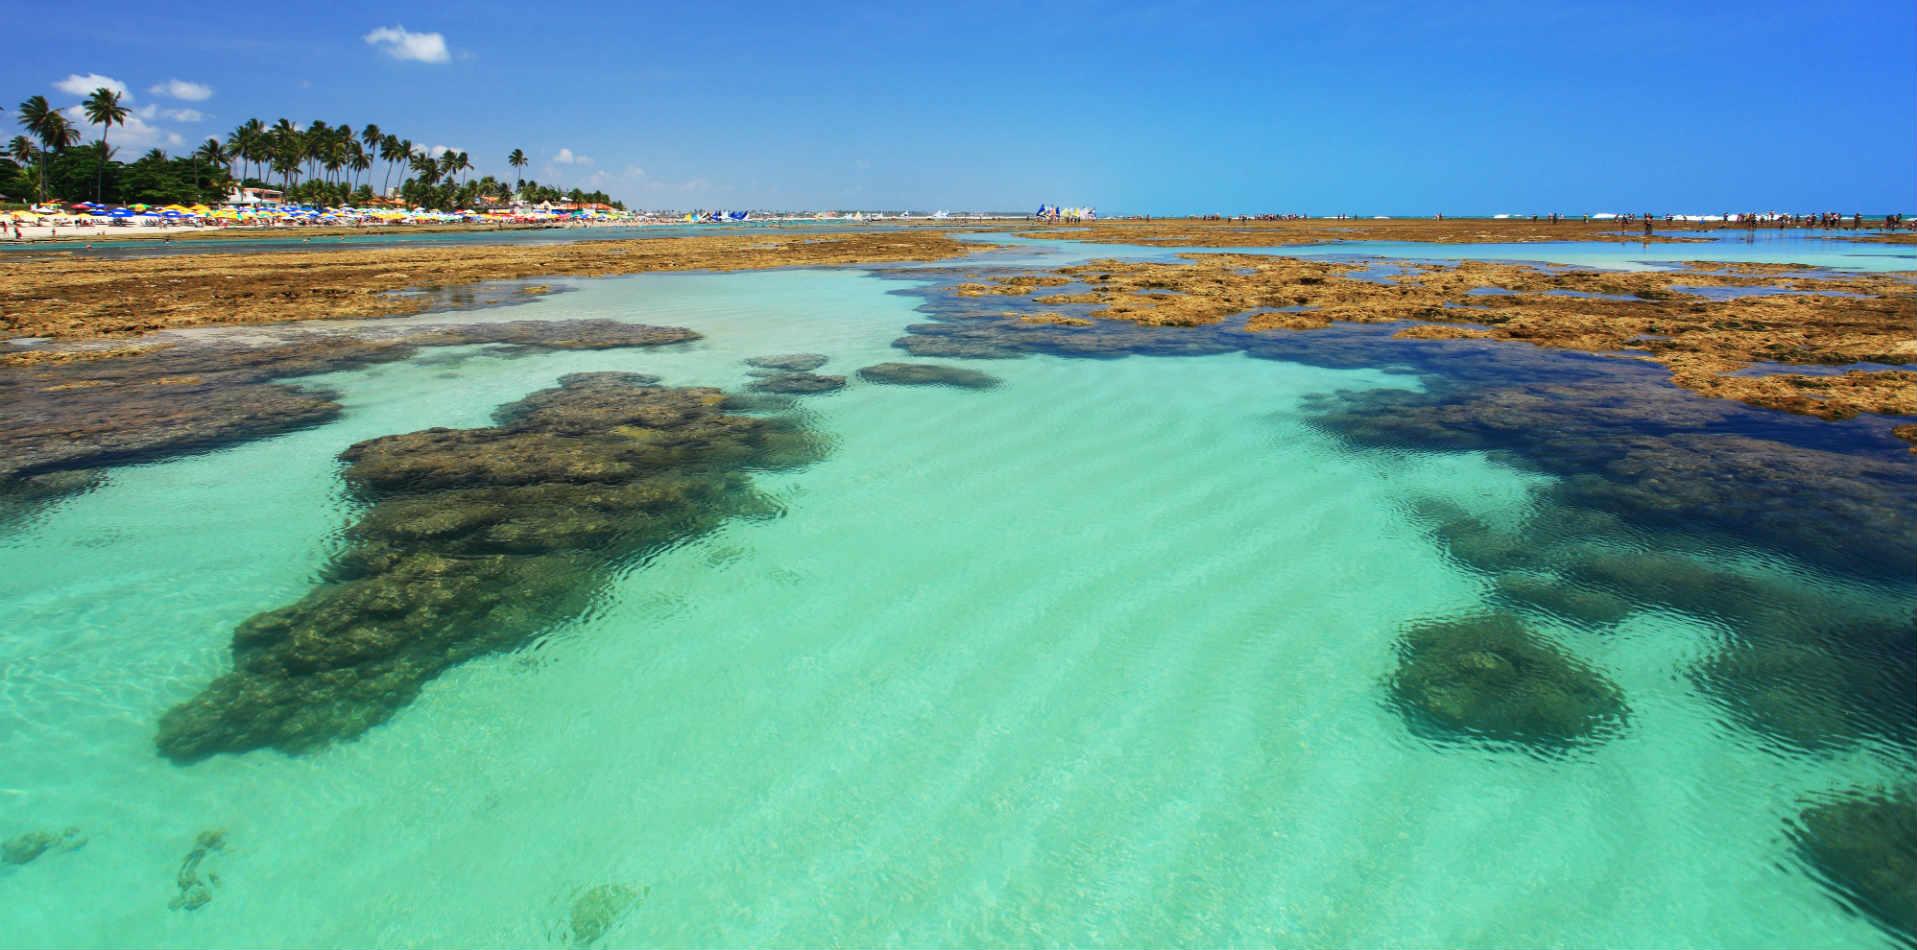 Porto de galinhas - Reef